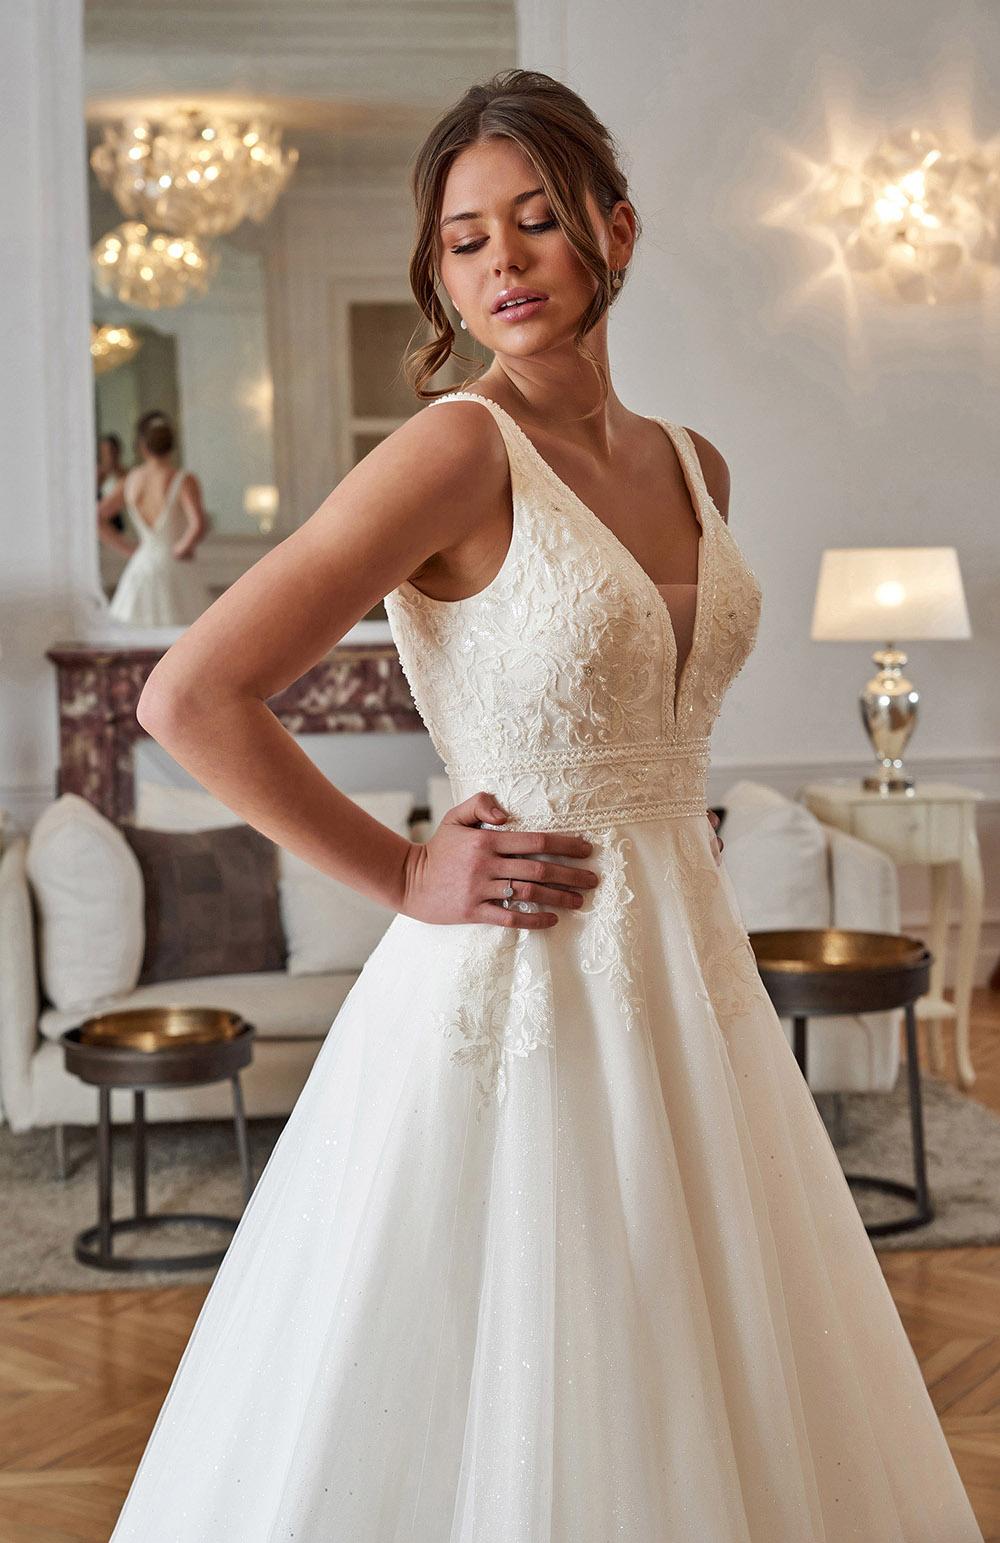 Robes de mariée Couture Nuptiale 2022